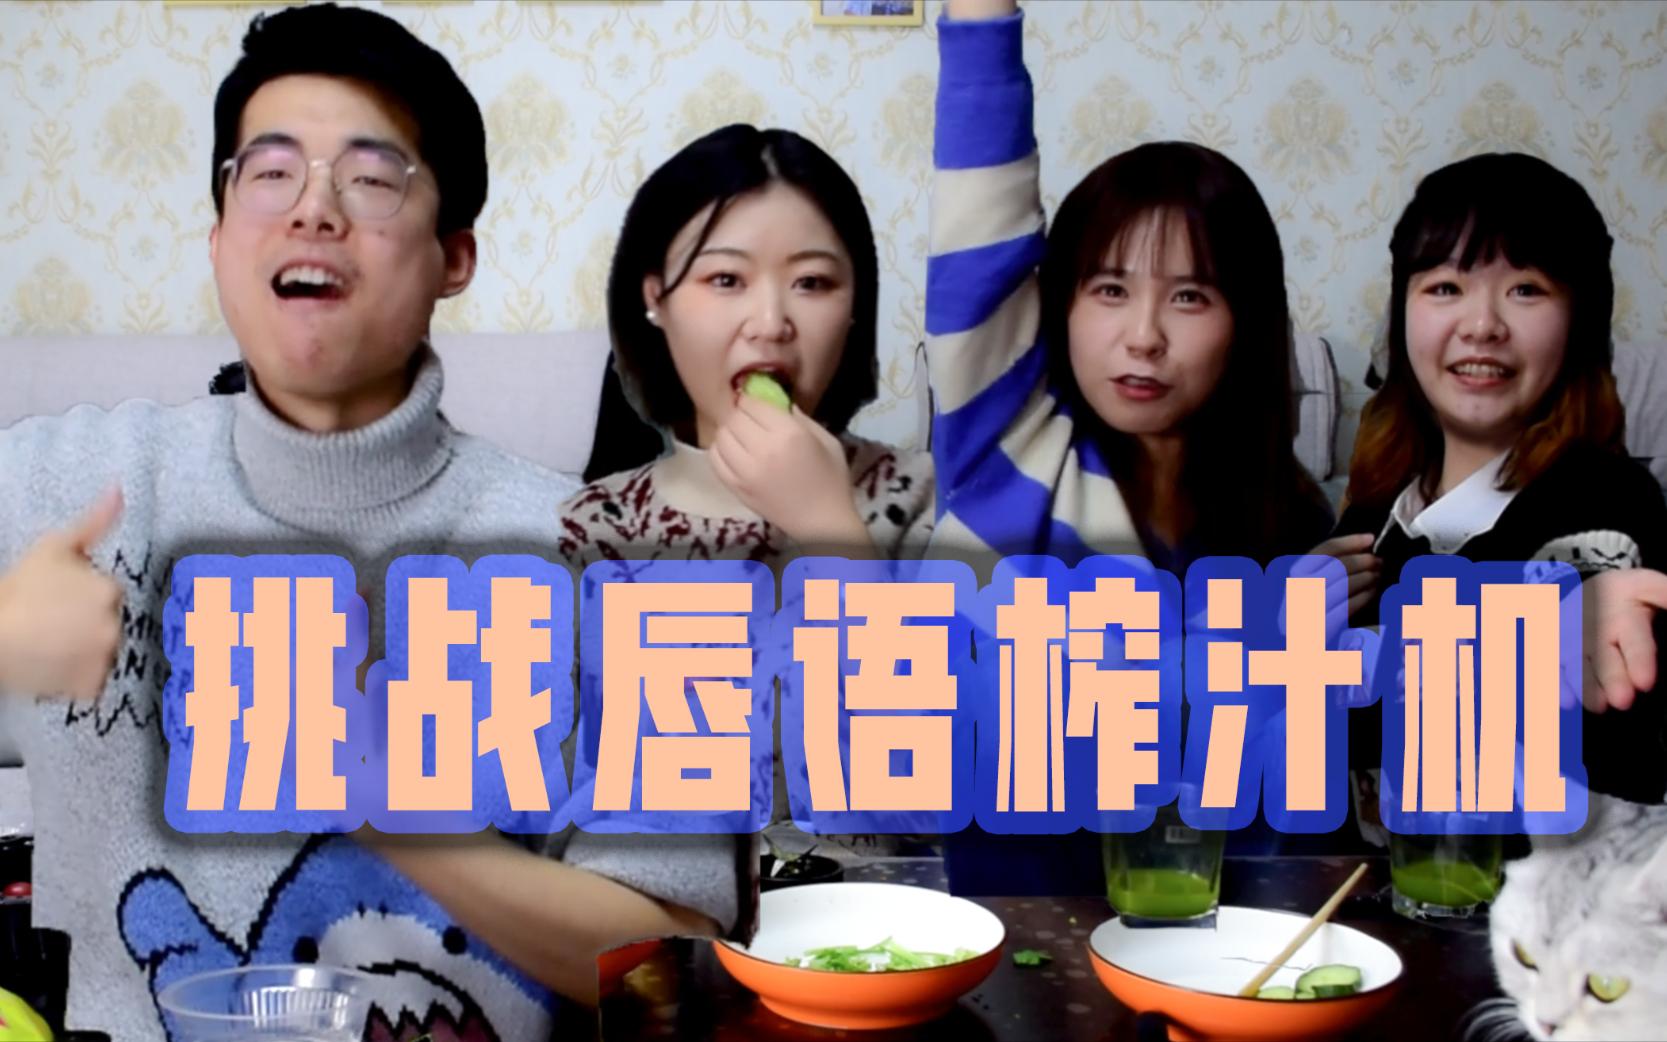 【奇妙李三千】唇语挑战榨汁机!不得不用千奇百怪的姿势展示奇怪的卡片词语